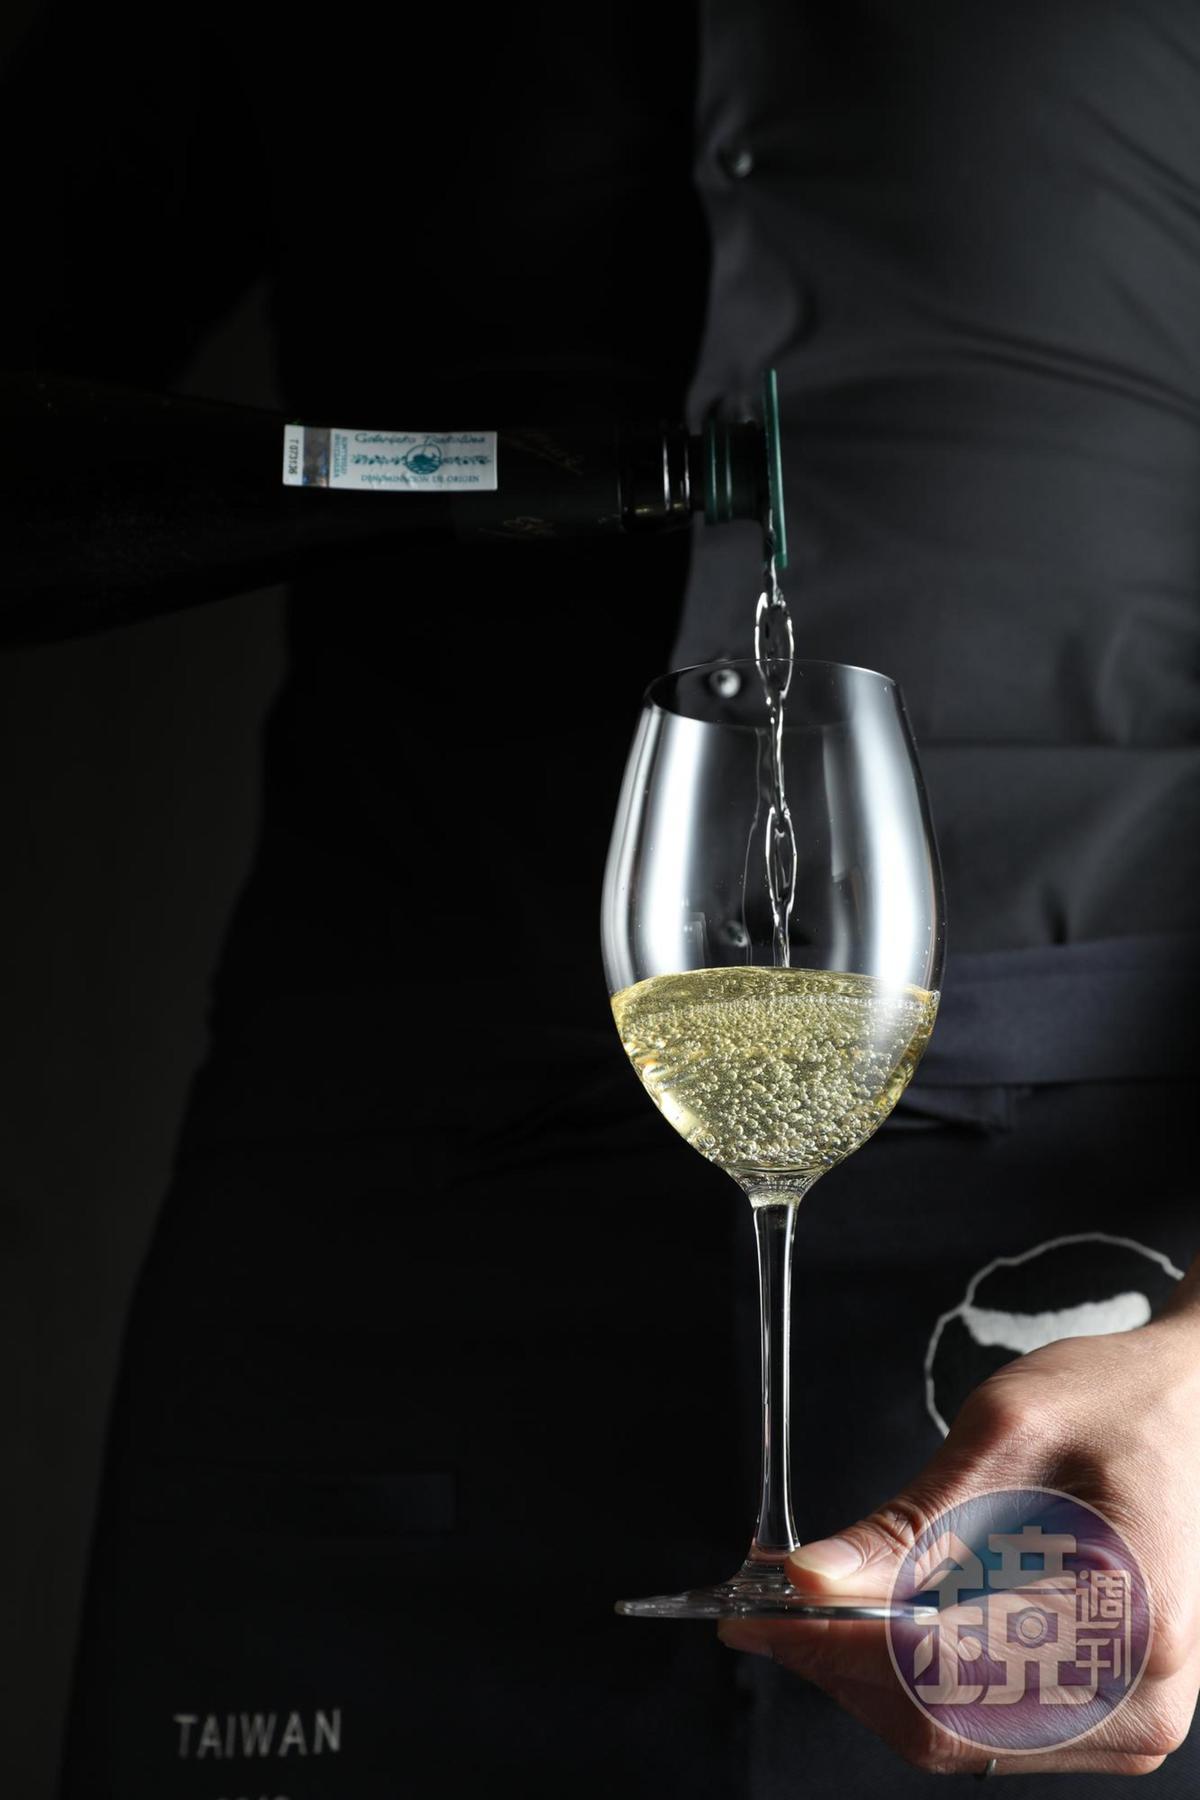 喝查科莉時,有一個動作不可少,換上瓶蓋,拉高倒下,讓杯中酒體充滿空氣,喝來更清爽。